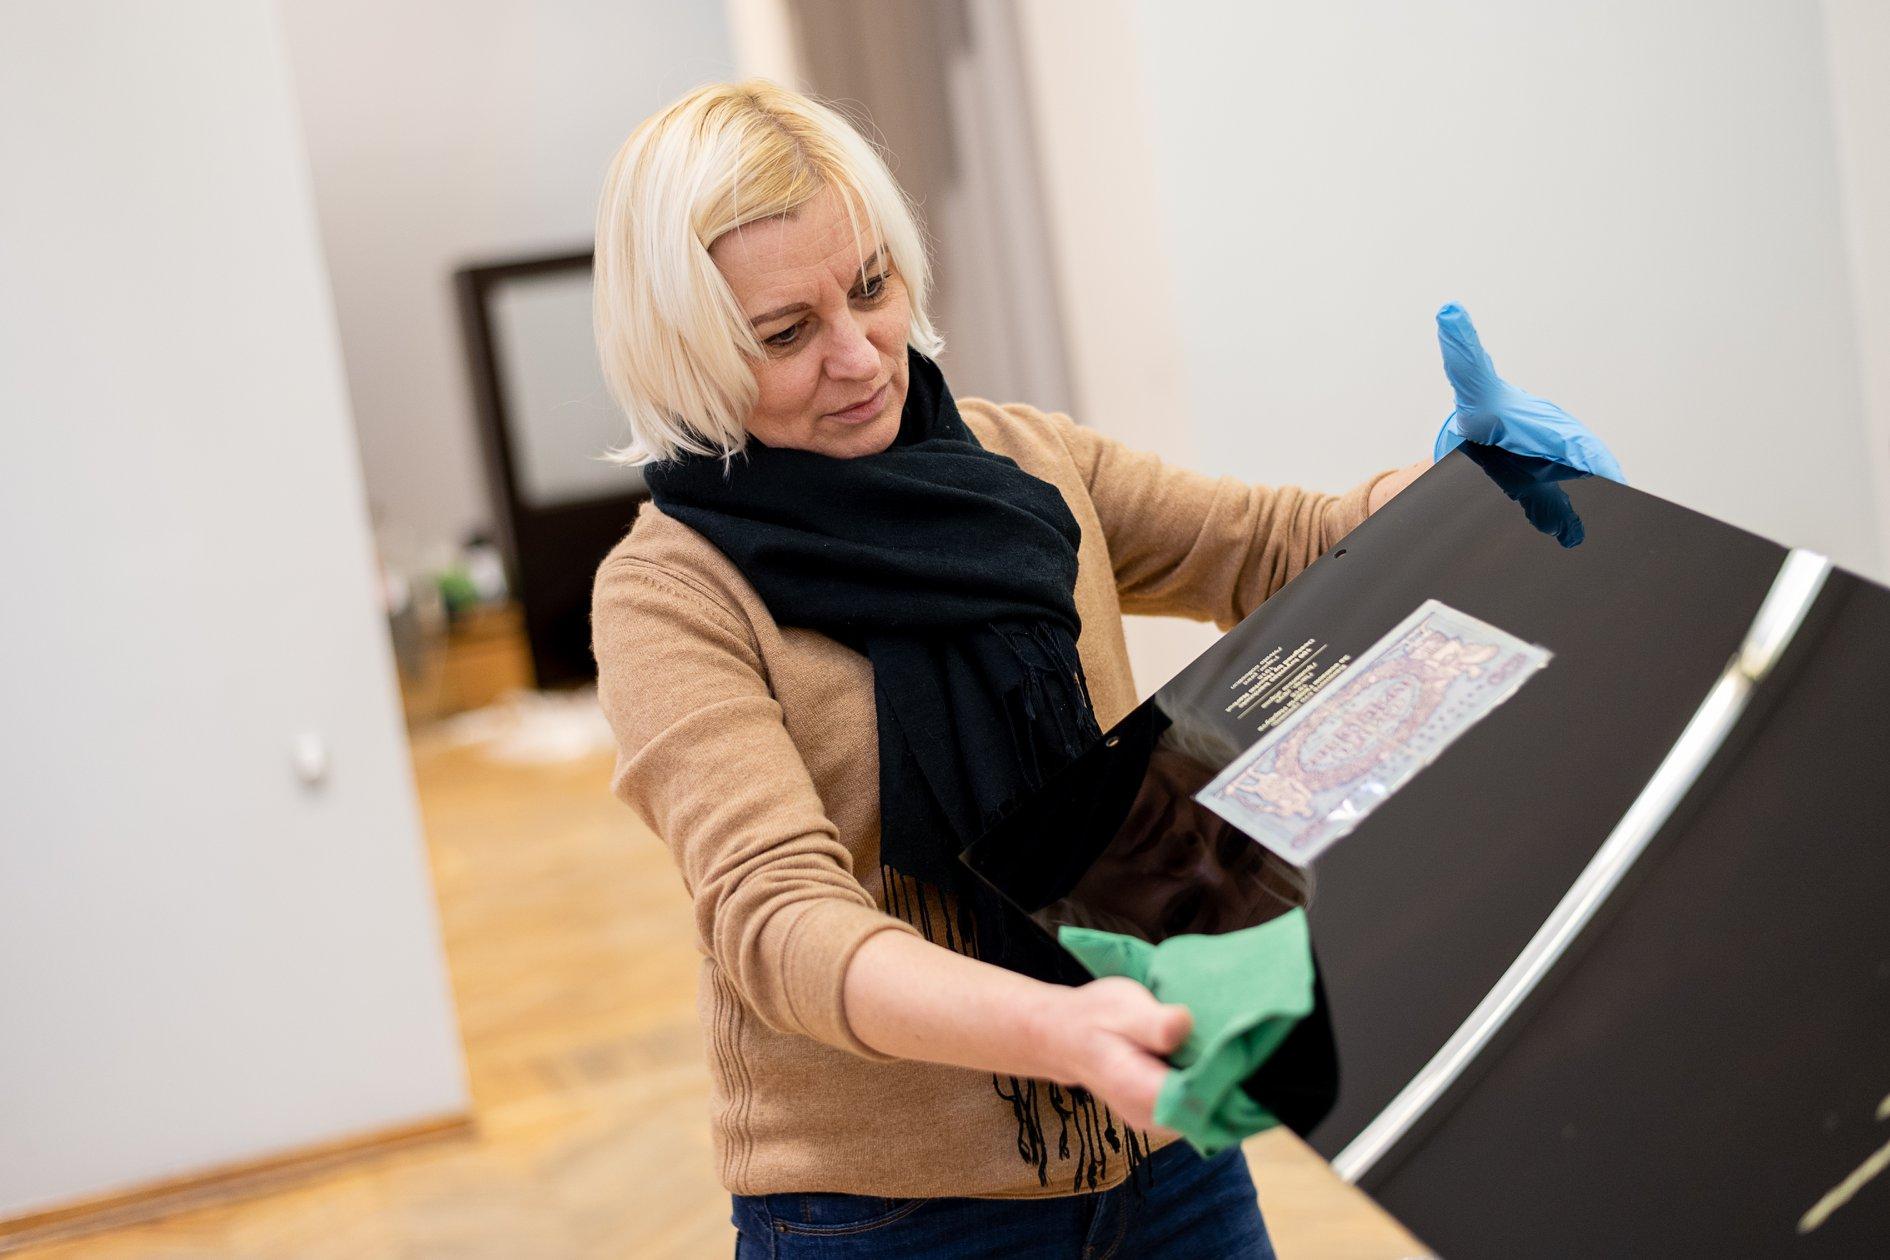 Столичний музей запрошує на виставку, присвячену українській геральдиці - музей, експозиція, виставка - 127181080 10157648064018144 3098595481188536304 o